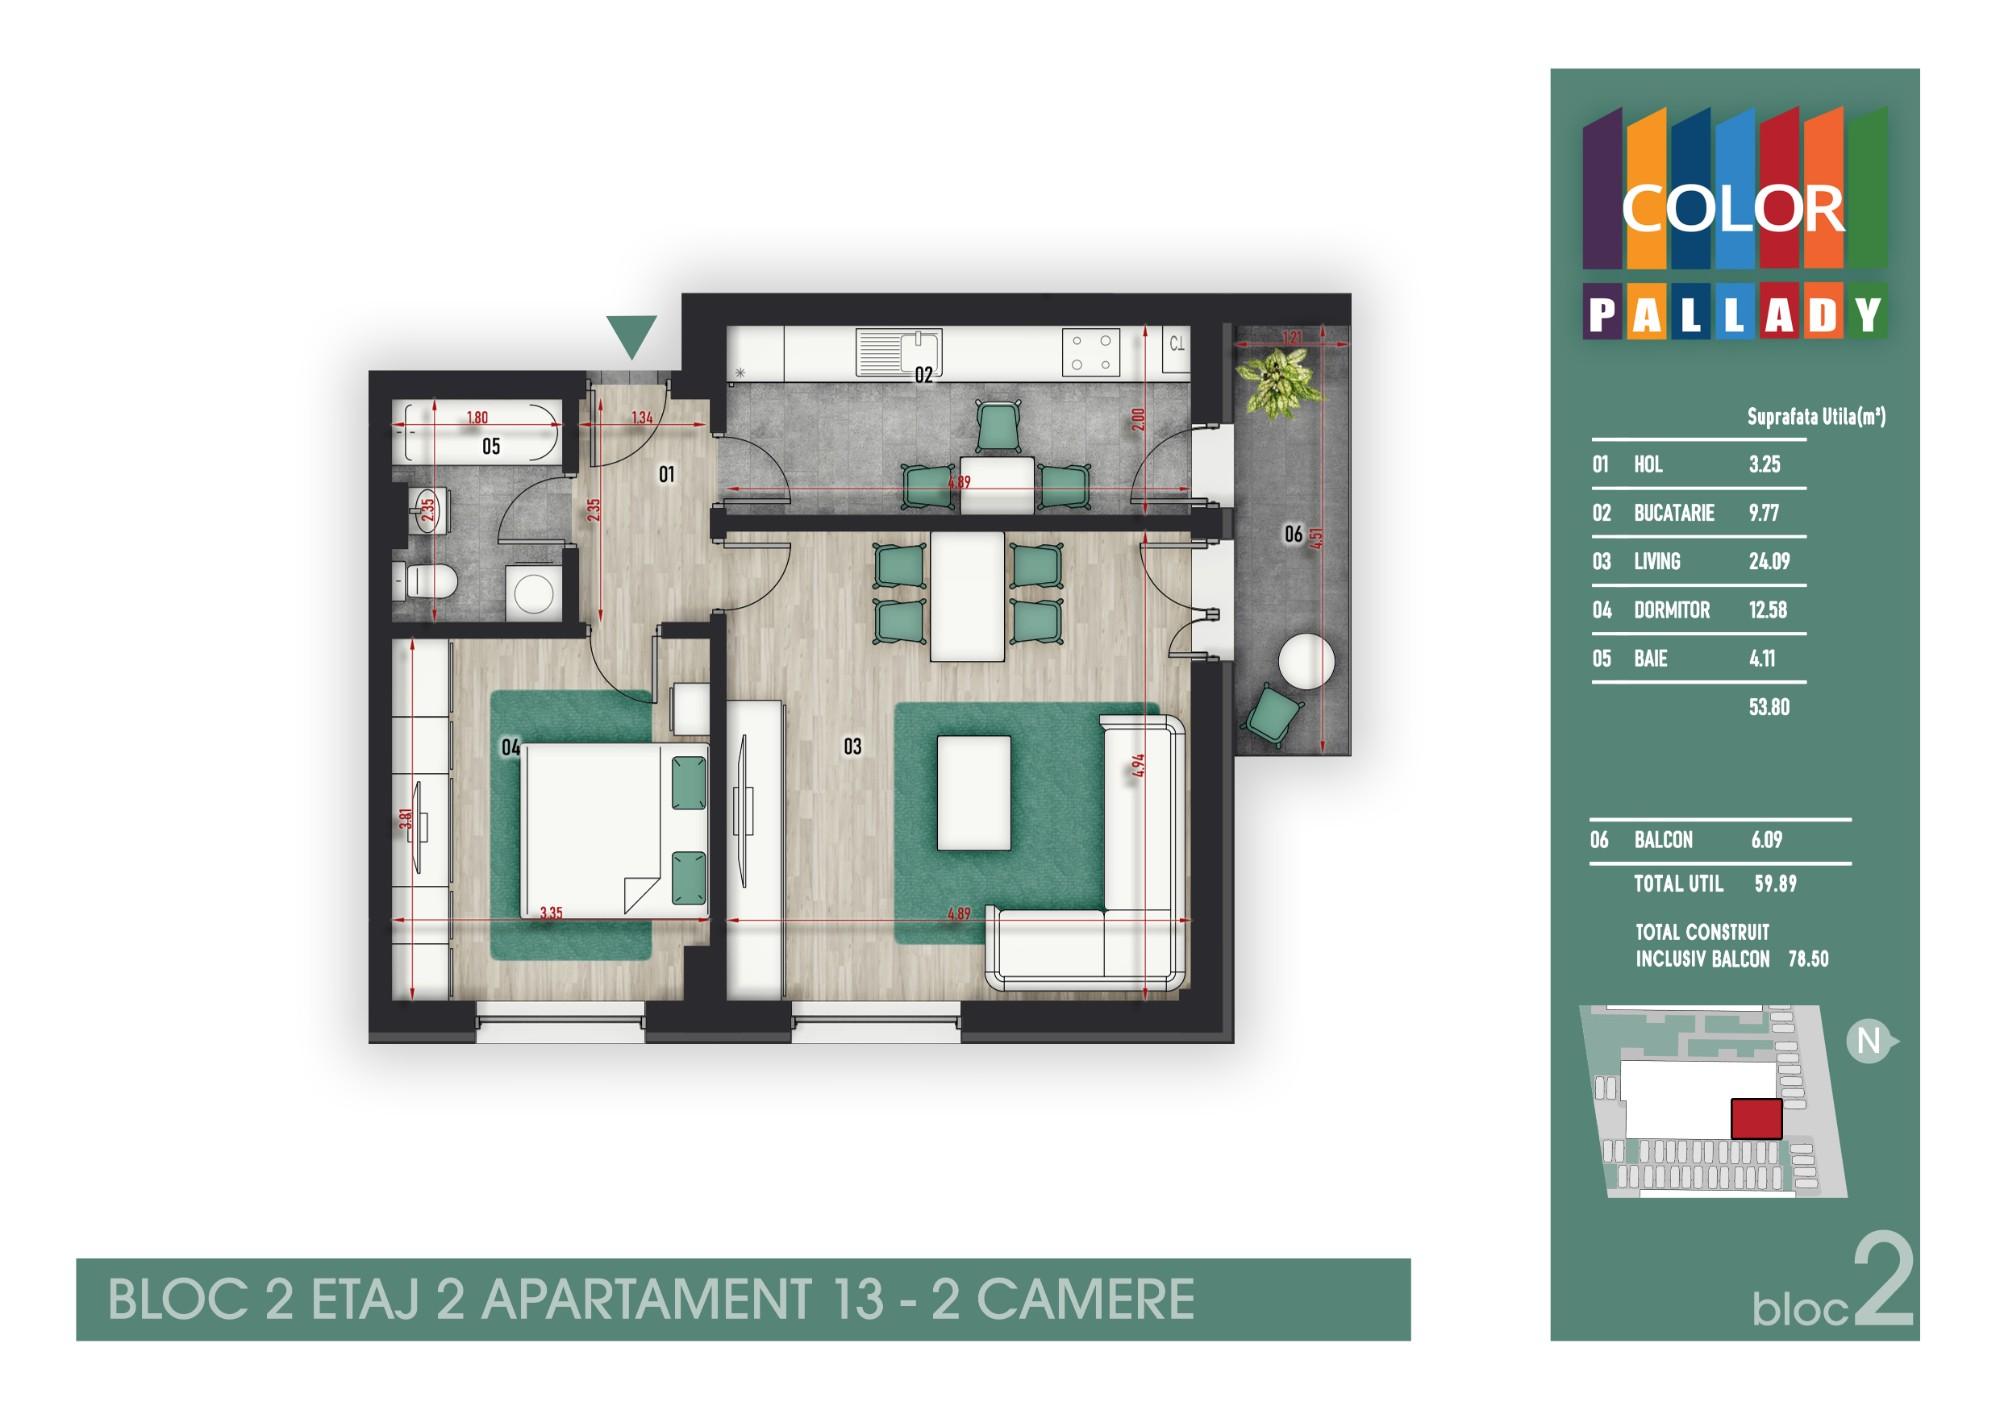 Bloc 2 - Etaj 2 - Apartament 13